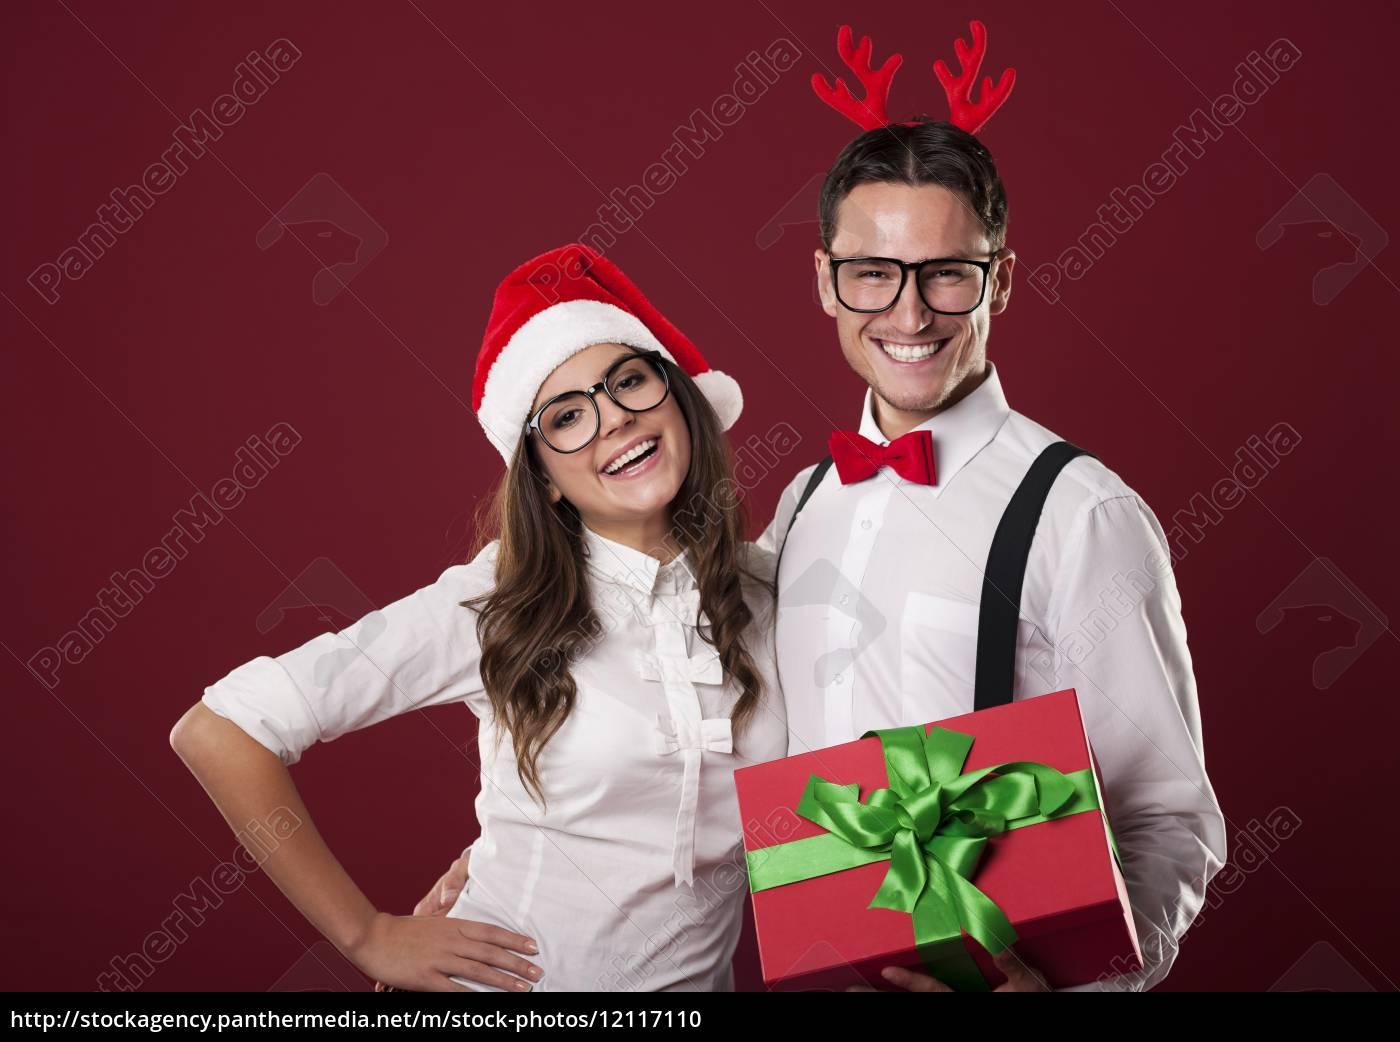 coppia, nerd, sorridente, in, possesso, di - 12117110